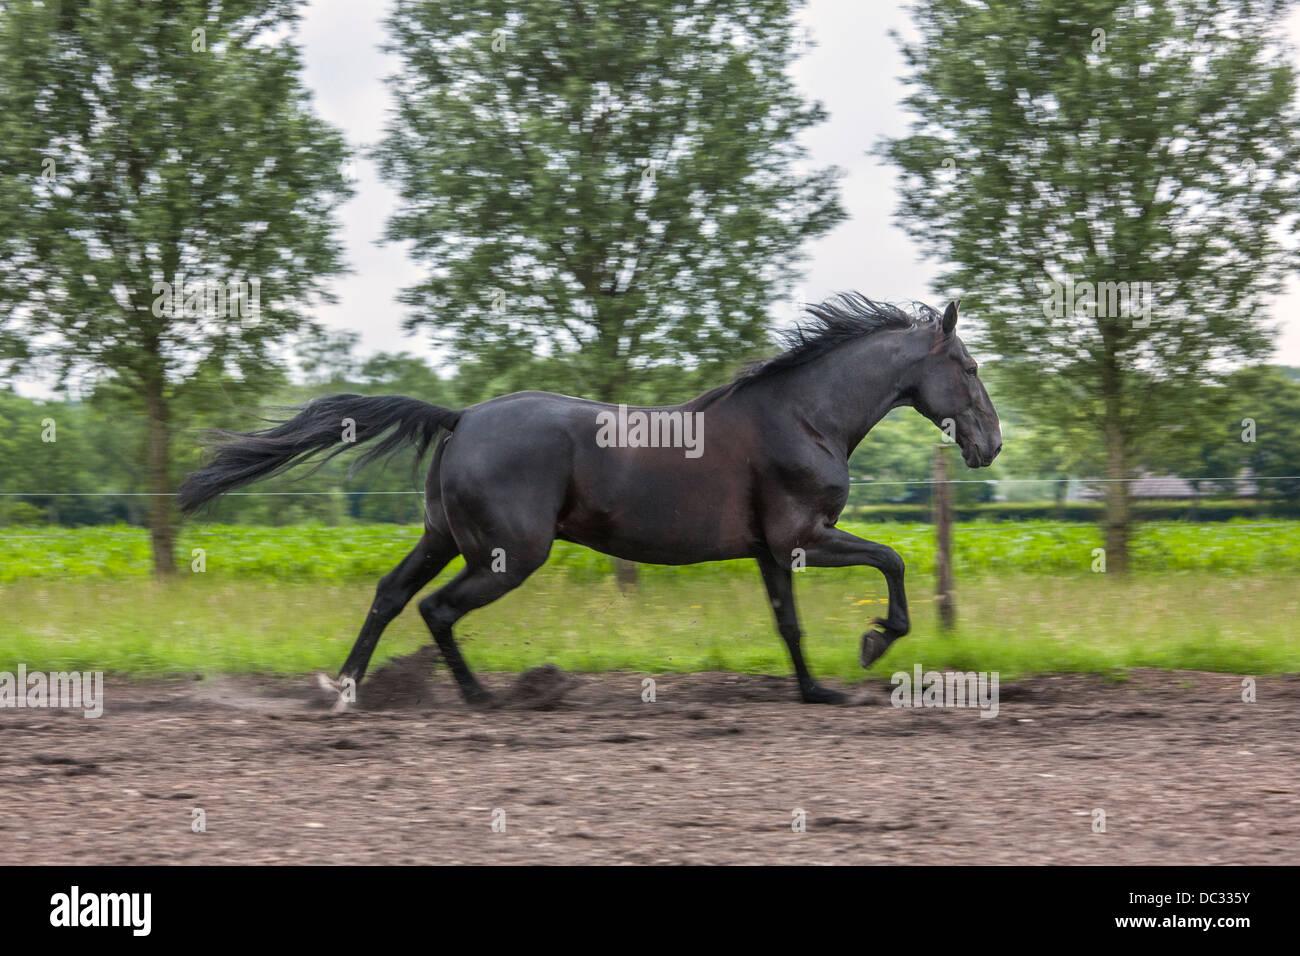 Brown al trote de caballos en el campo, el trote es un dos-beat andar con diagonal pares de patas Imagen De Stock